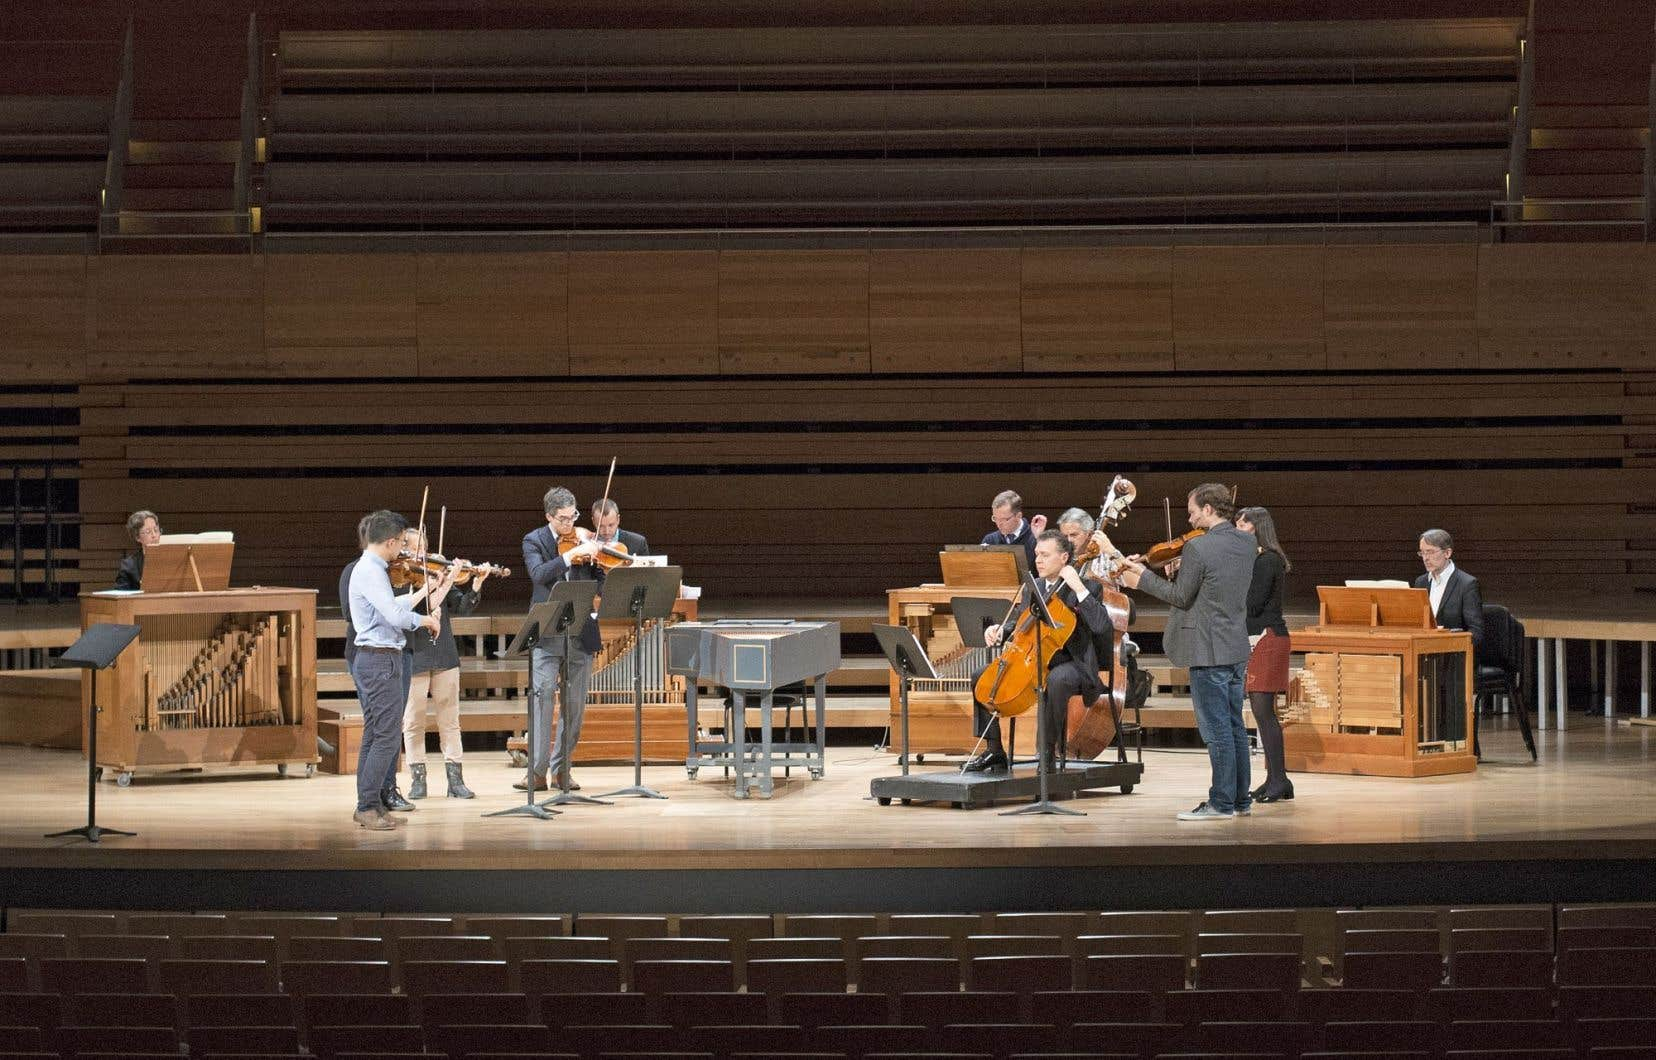 Andrew Wan et Cho-Lian Lin ont interprété, avec quelques musiciens, le plus fameux des concertos pour deux violons de Vivaldi: sonorité moelleuse et entame de concert rassurante.